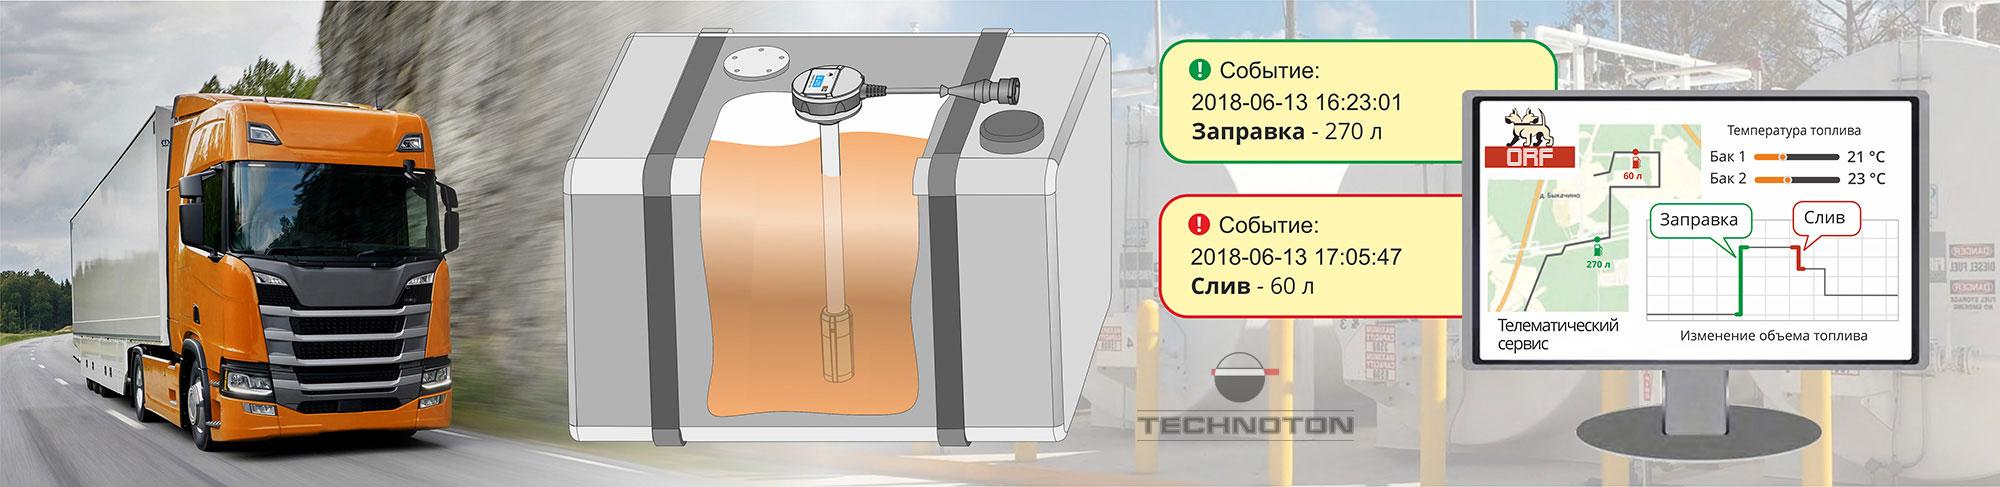 Контроль топлива в баке